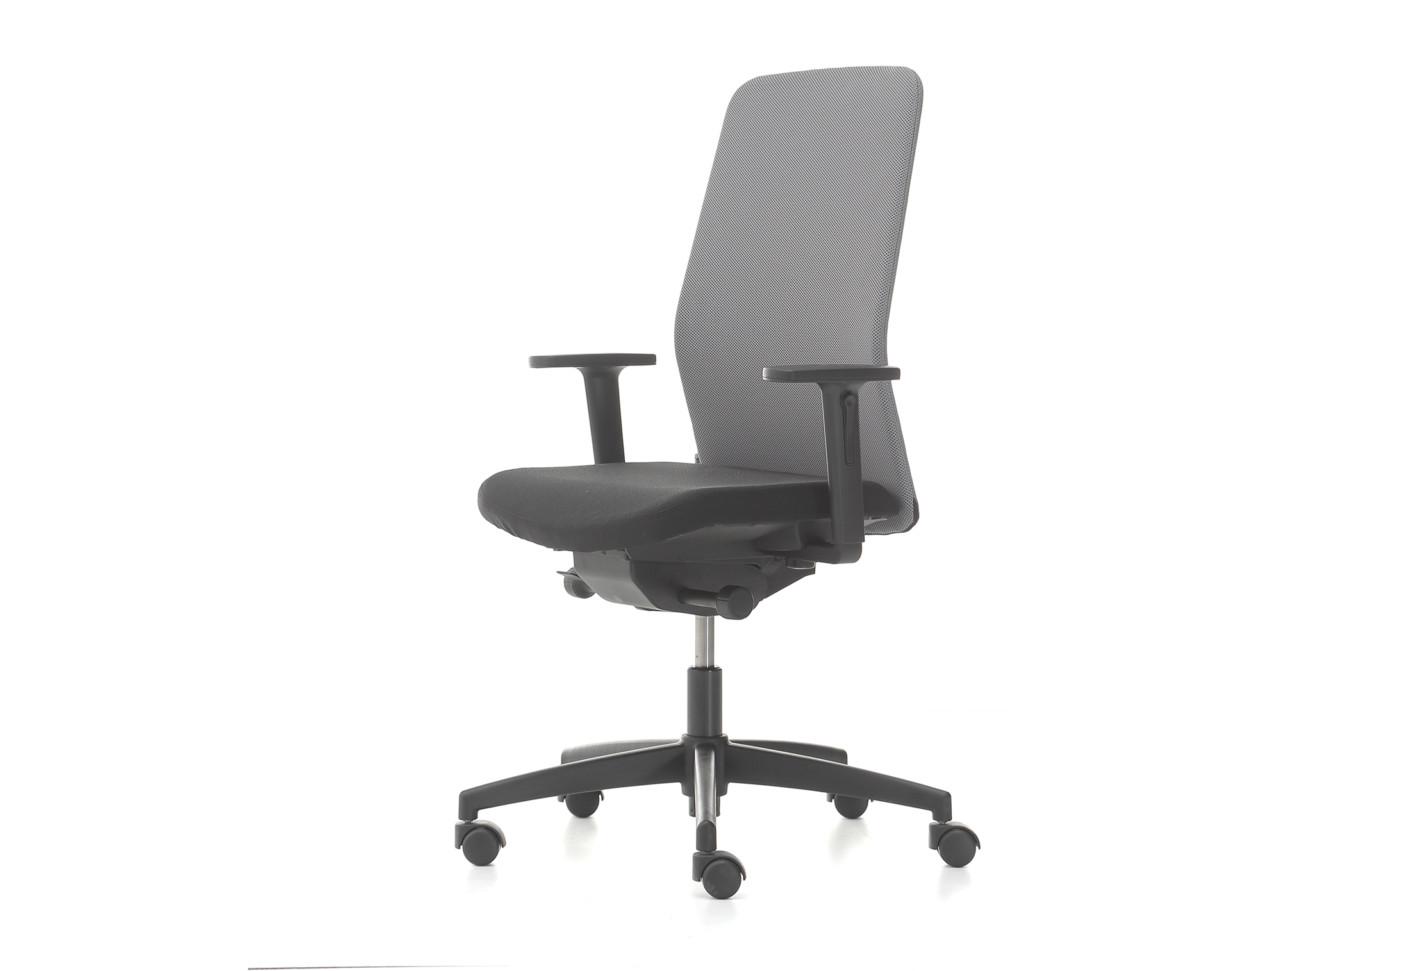 d chair pro support hohe r ckenlehne von nurus stylepark. Black Bedroom Furniture Sets. Home Design Ideas